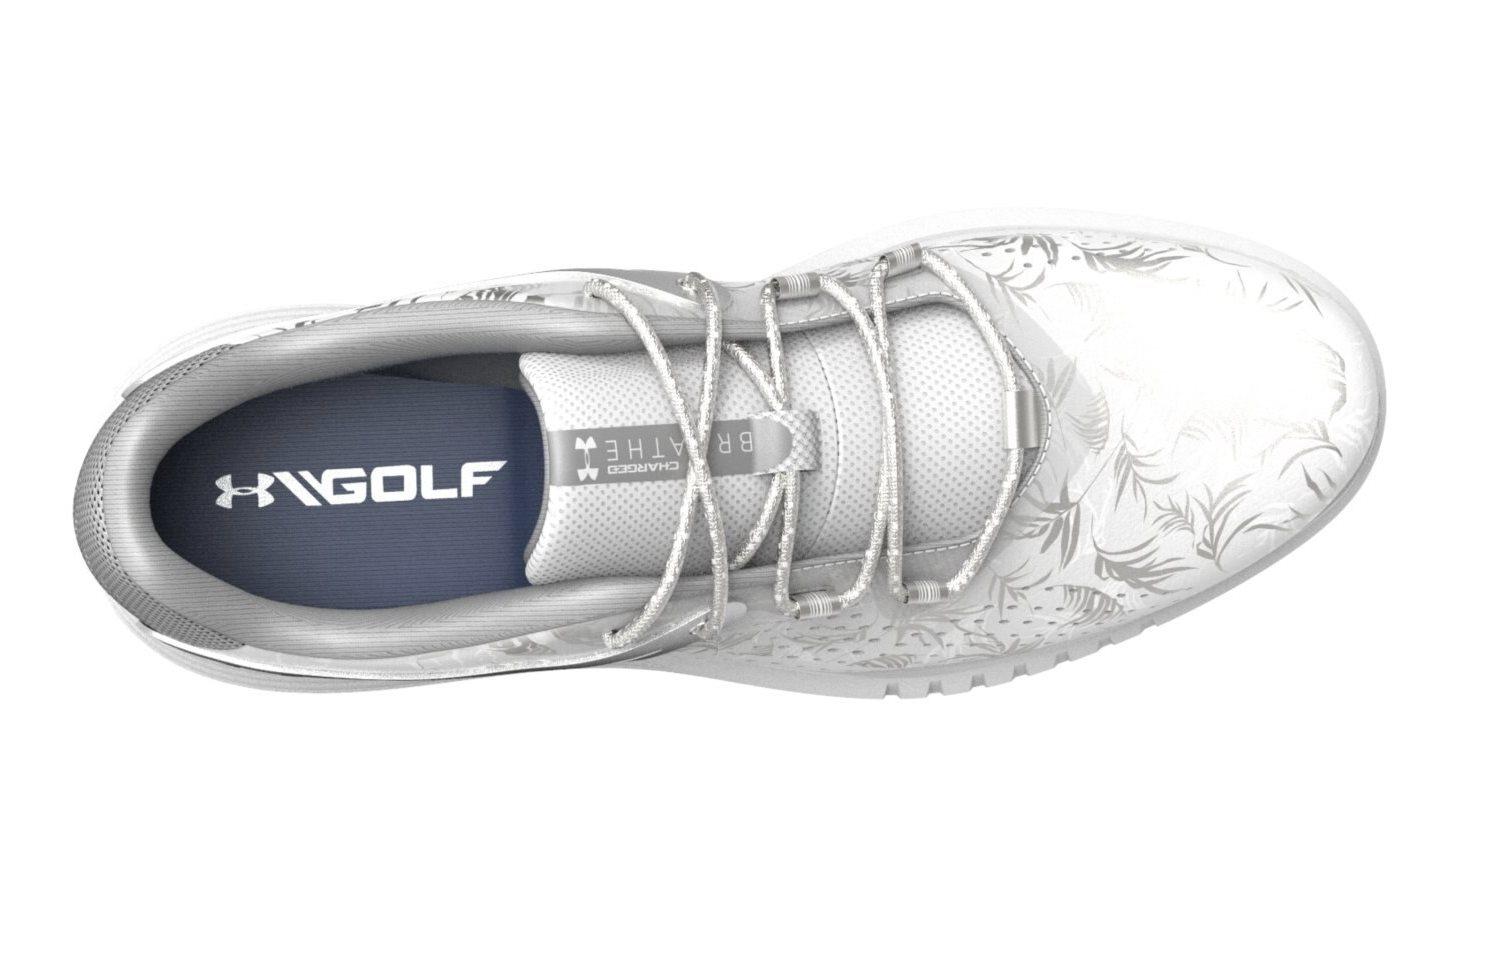 Under Armour dames golfschoenen Charged Breathe SL zilver-wit